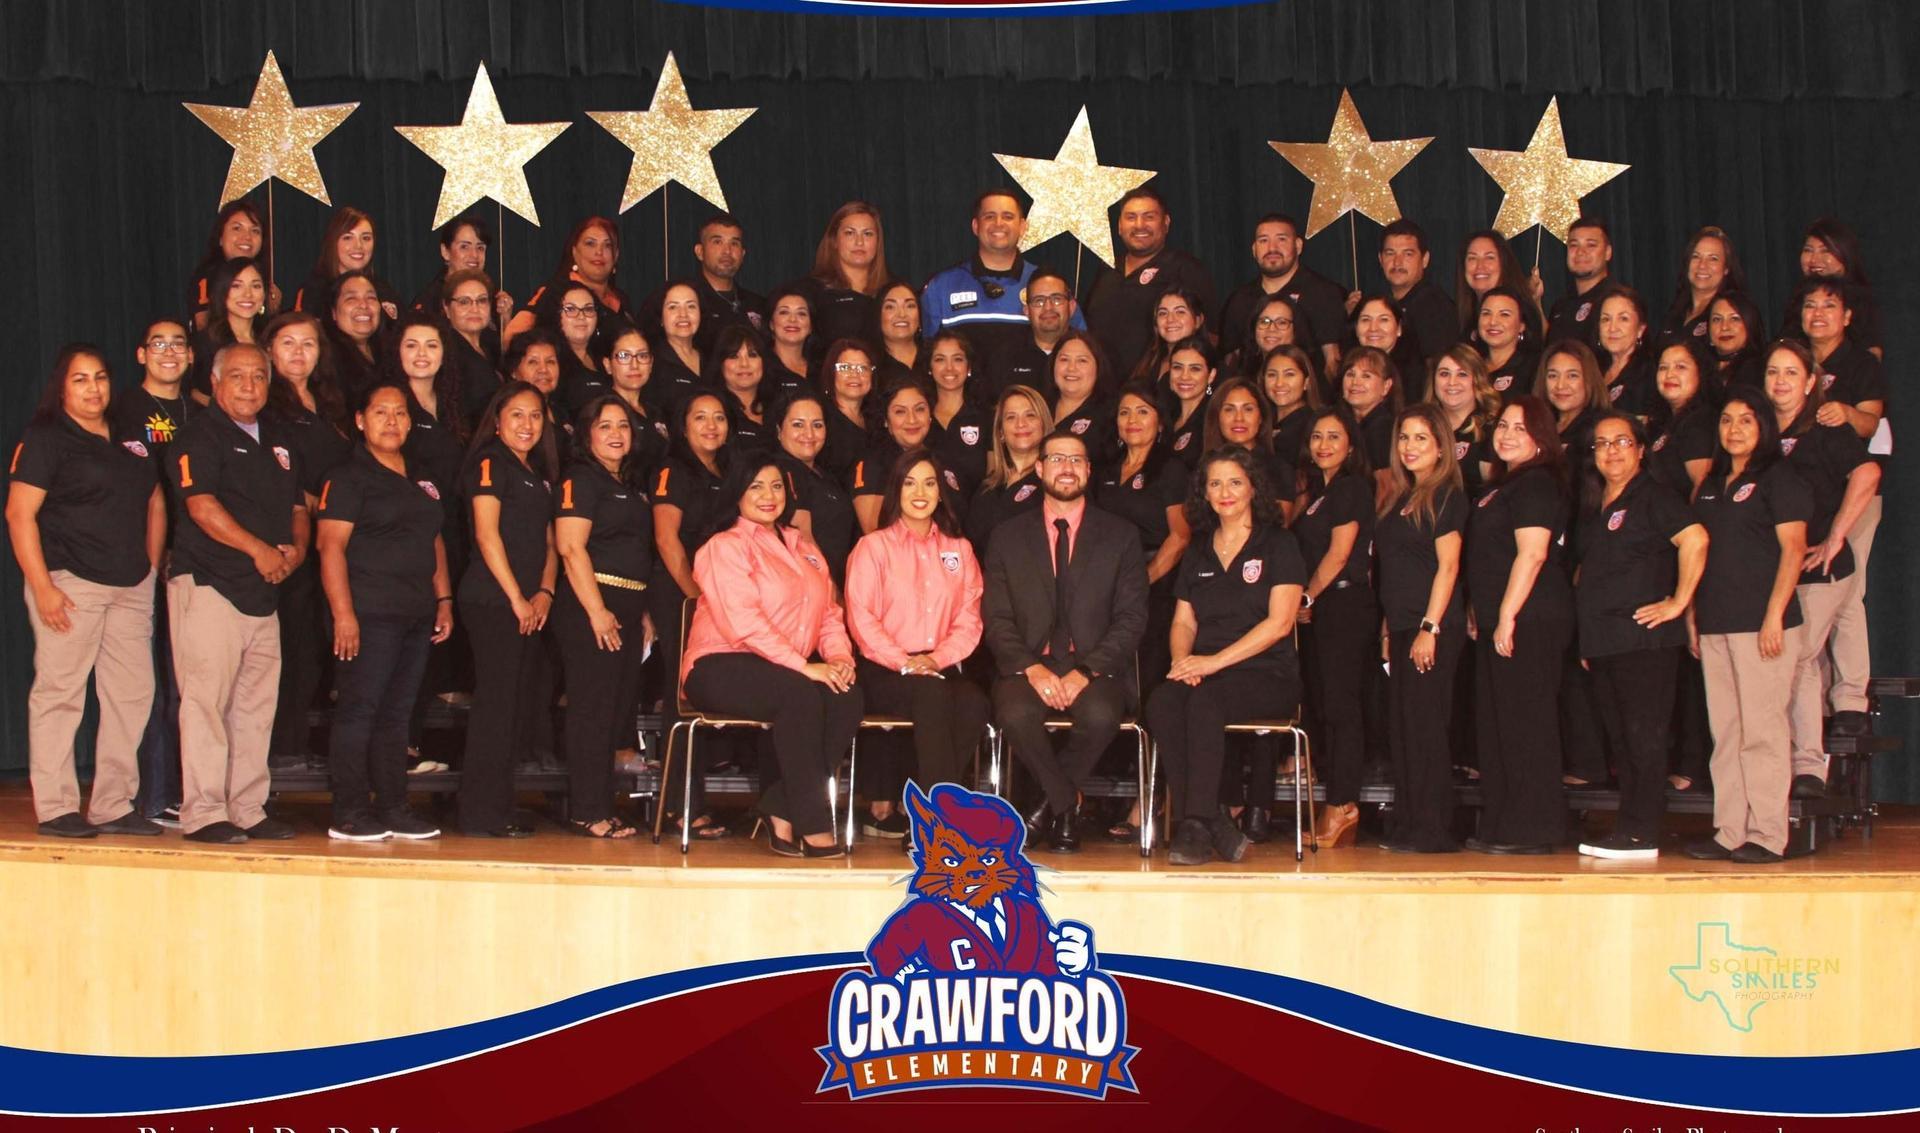 Crawford staff